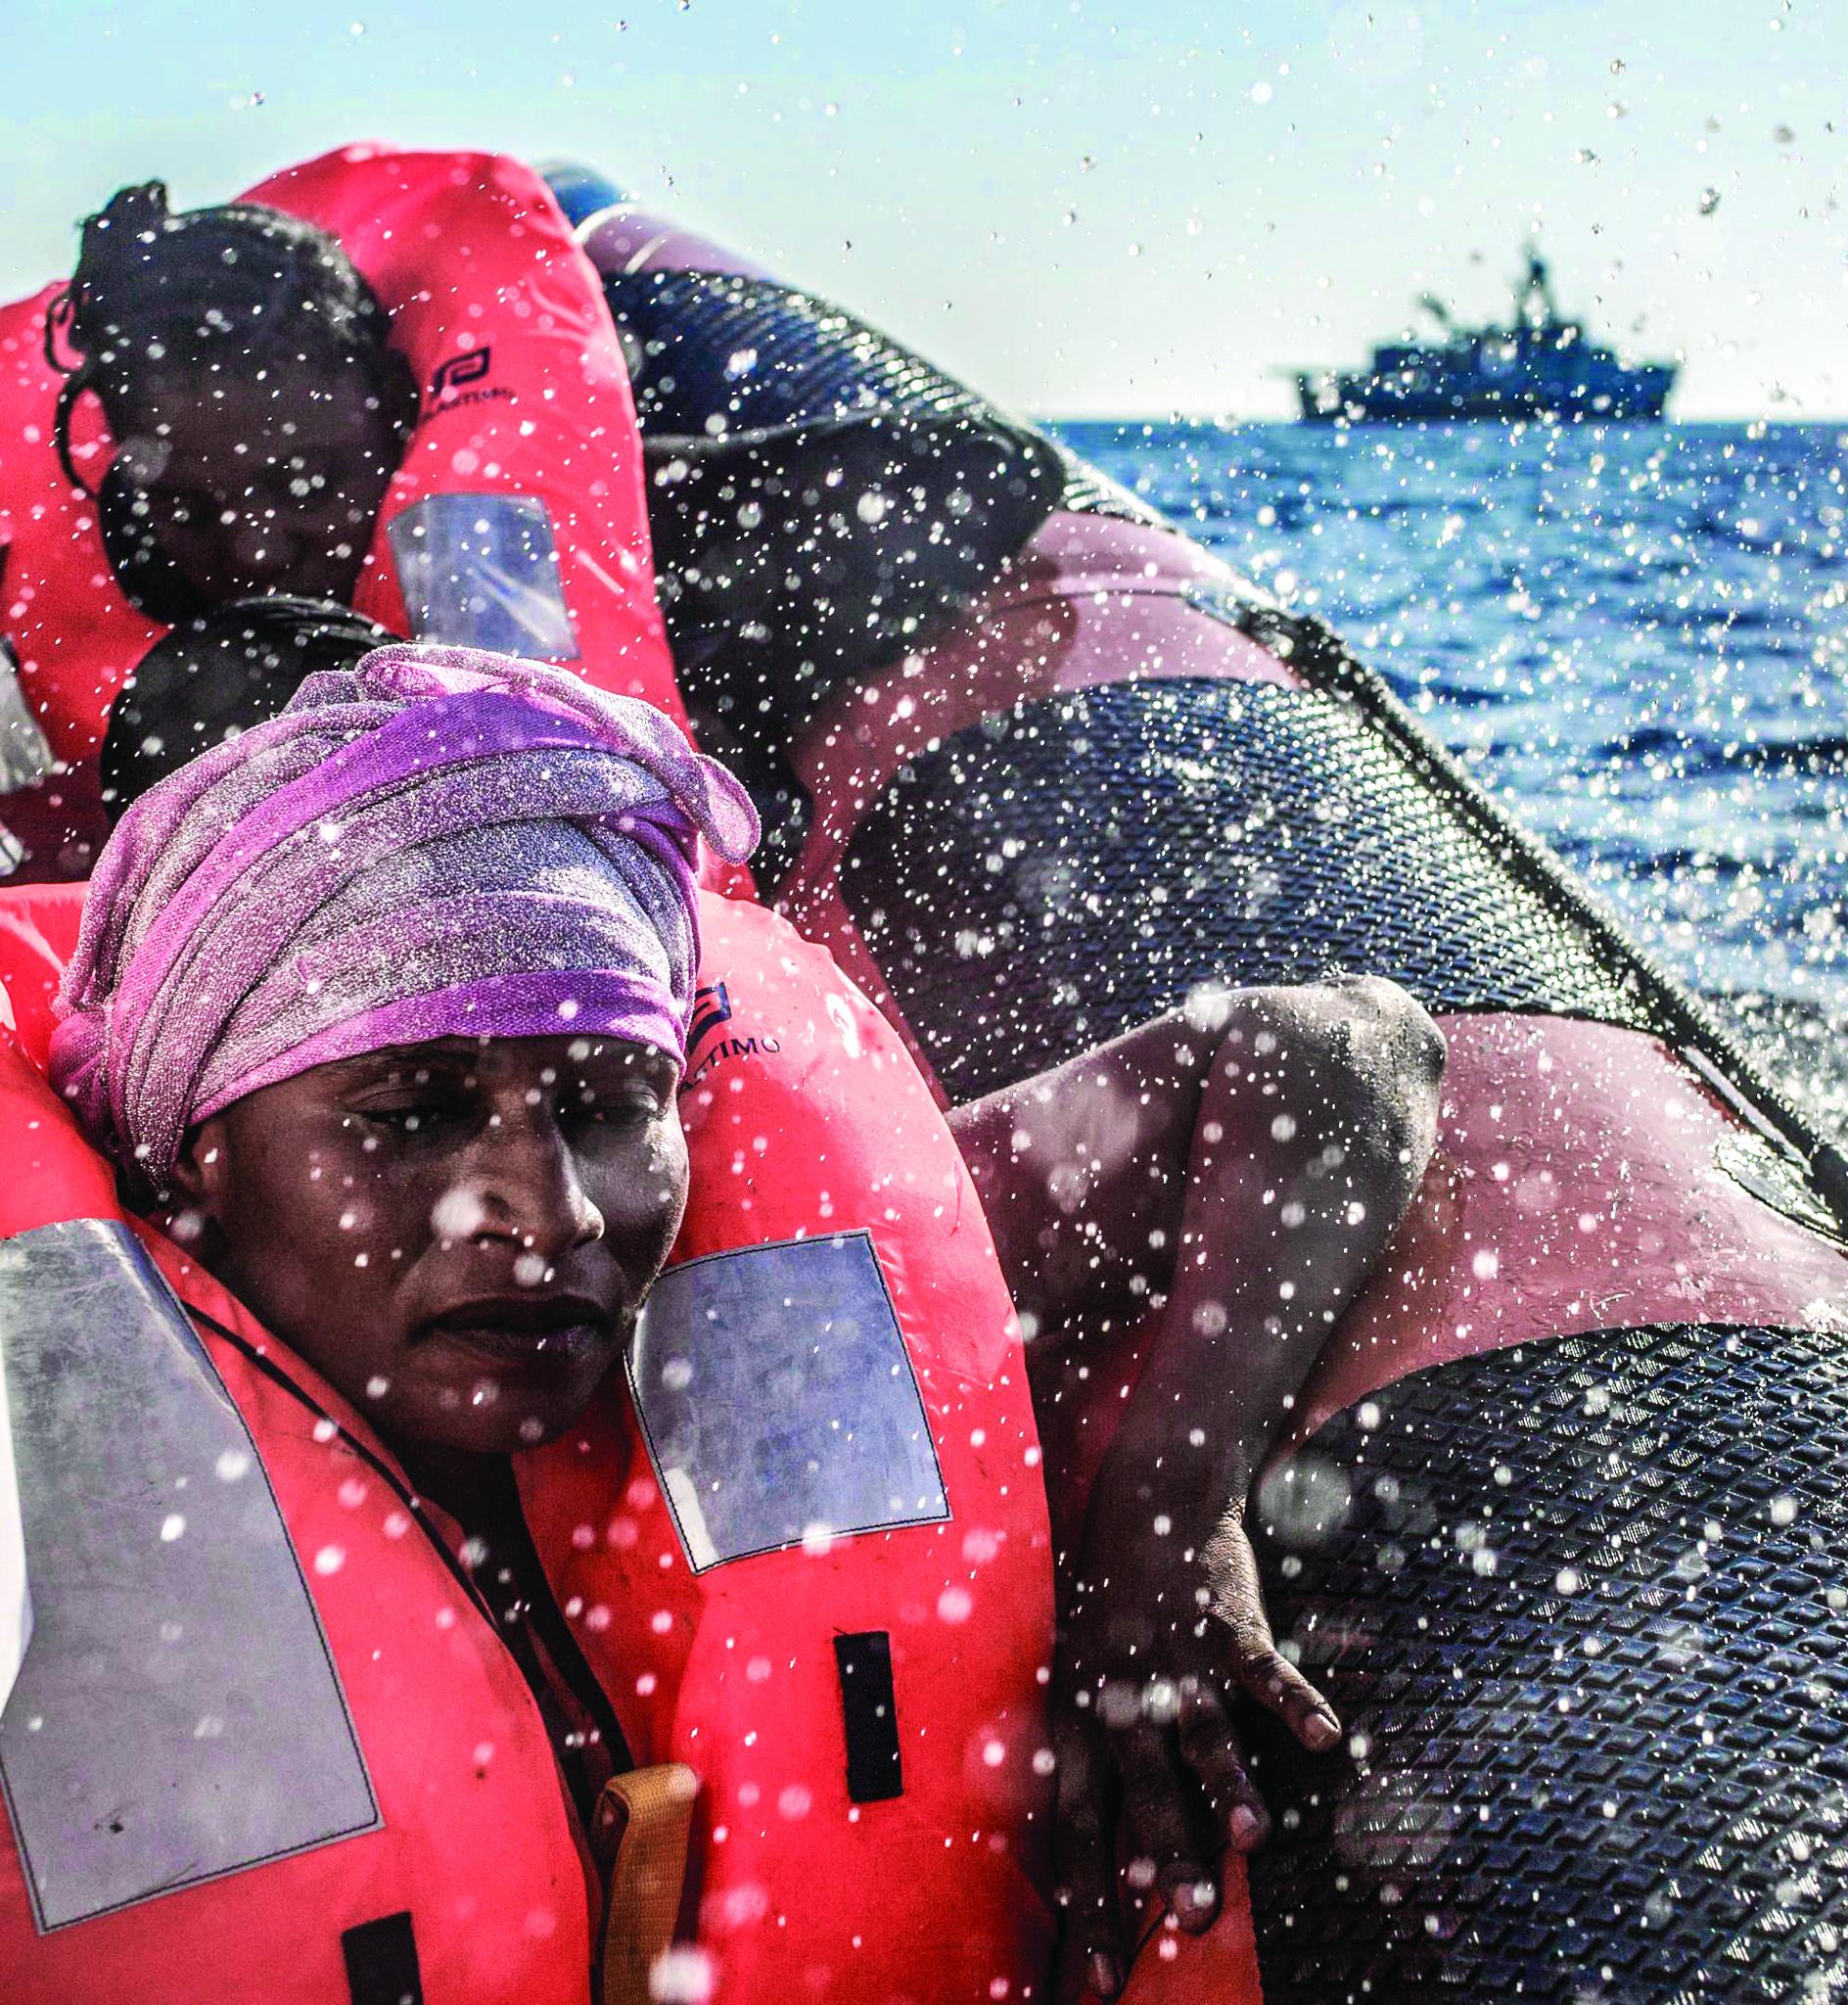 Cerca de mil imigrantes resgatados em 48 horas no Mediterrâneo